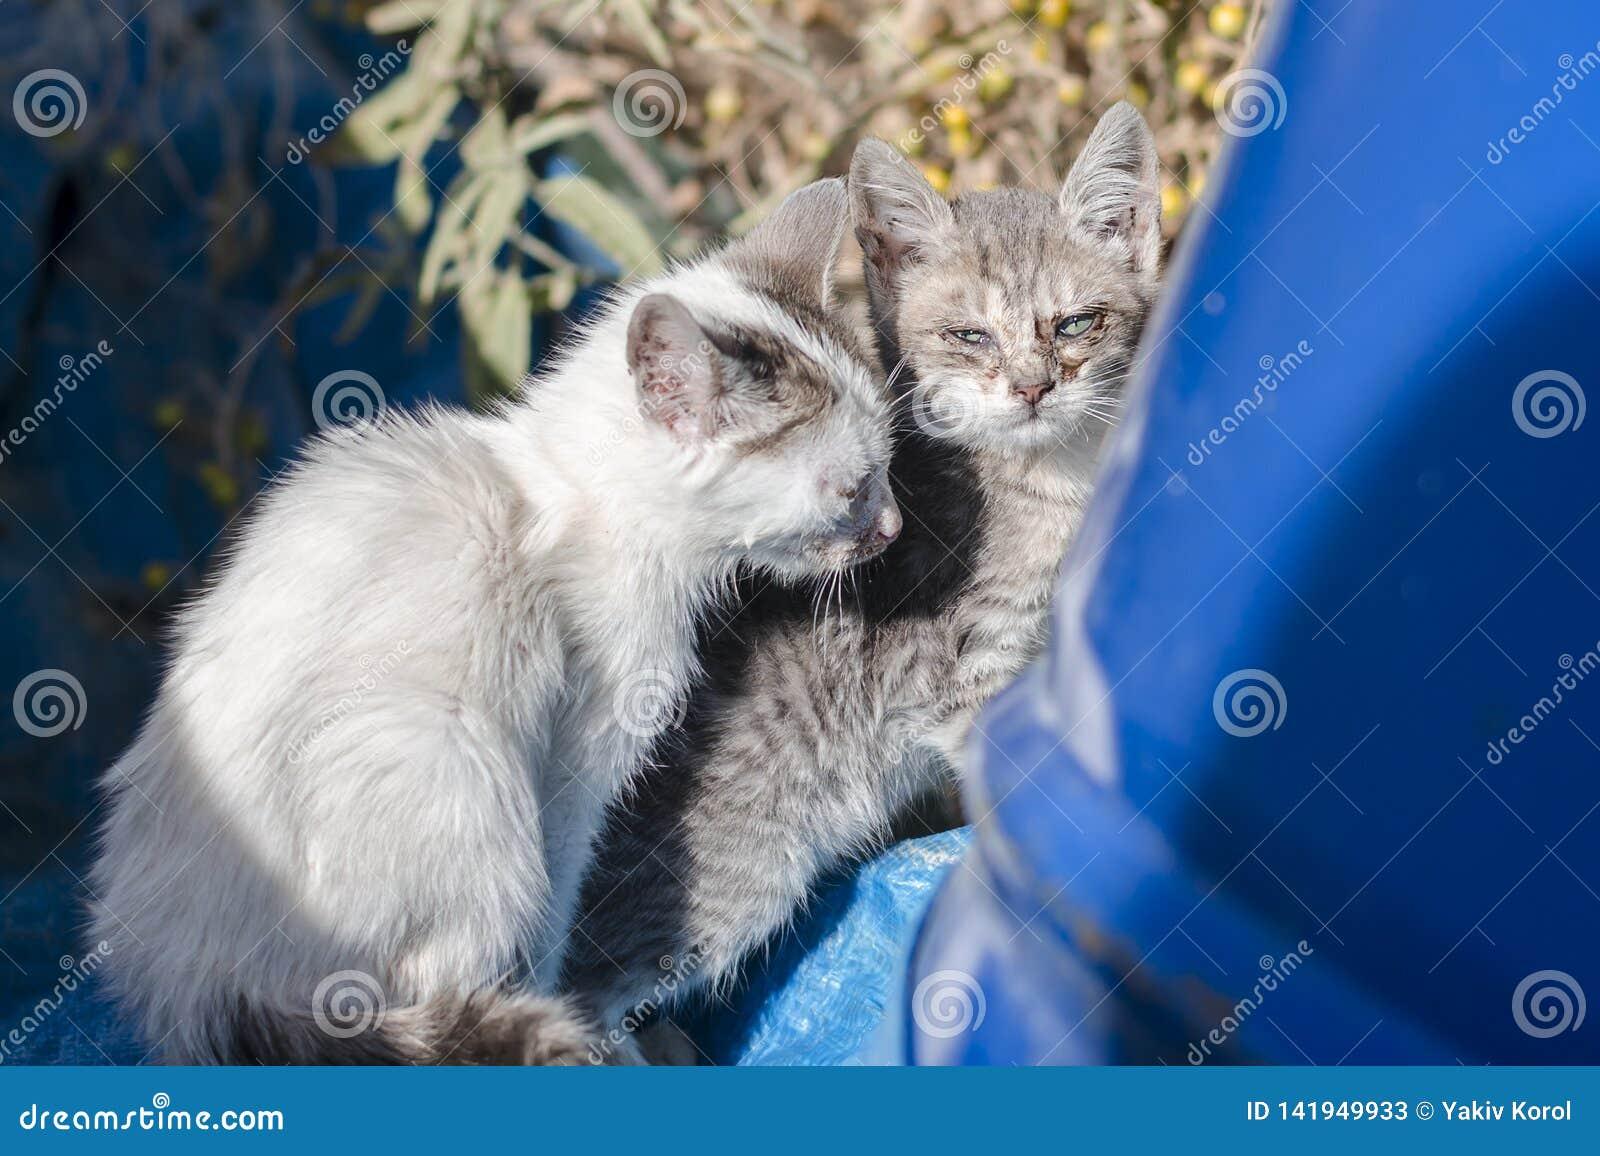 Petit chaton deux sans abri affamé blanc-gris avec les yeux aigris près du baril bleu à Athènes, Grèce